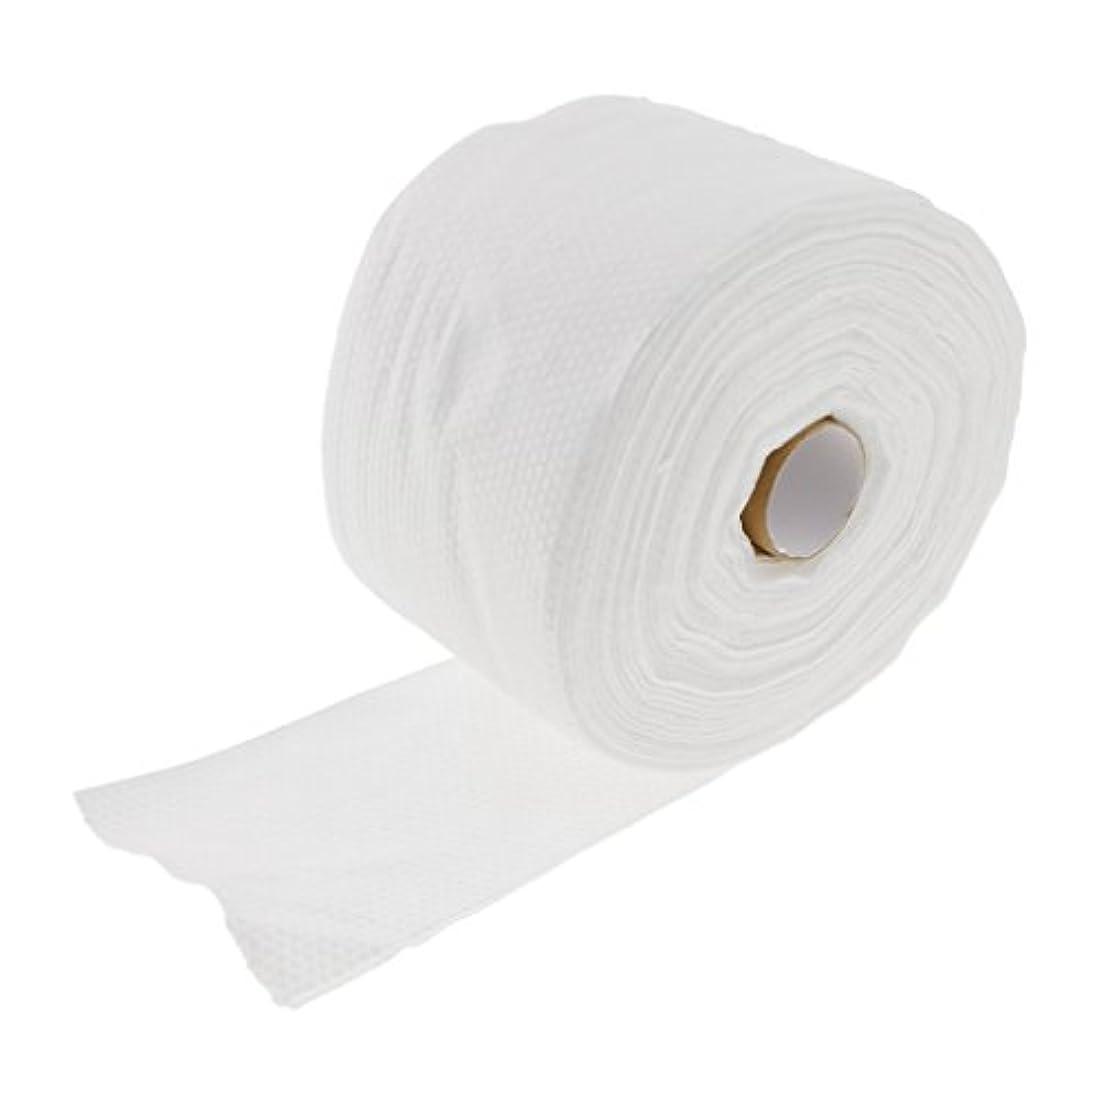 アソシエイト消費する恐れるKesoto ロール式 使い捨て 洗顔タオル 使い捨てタオル 30M コットン 繊維 メイクリムーバー 2タイプ選べる - #2